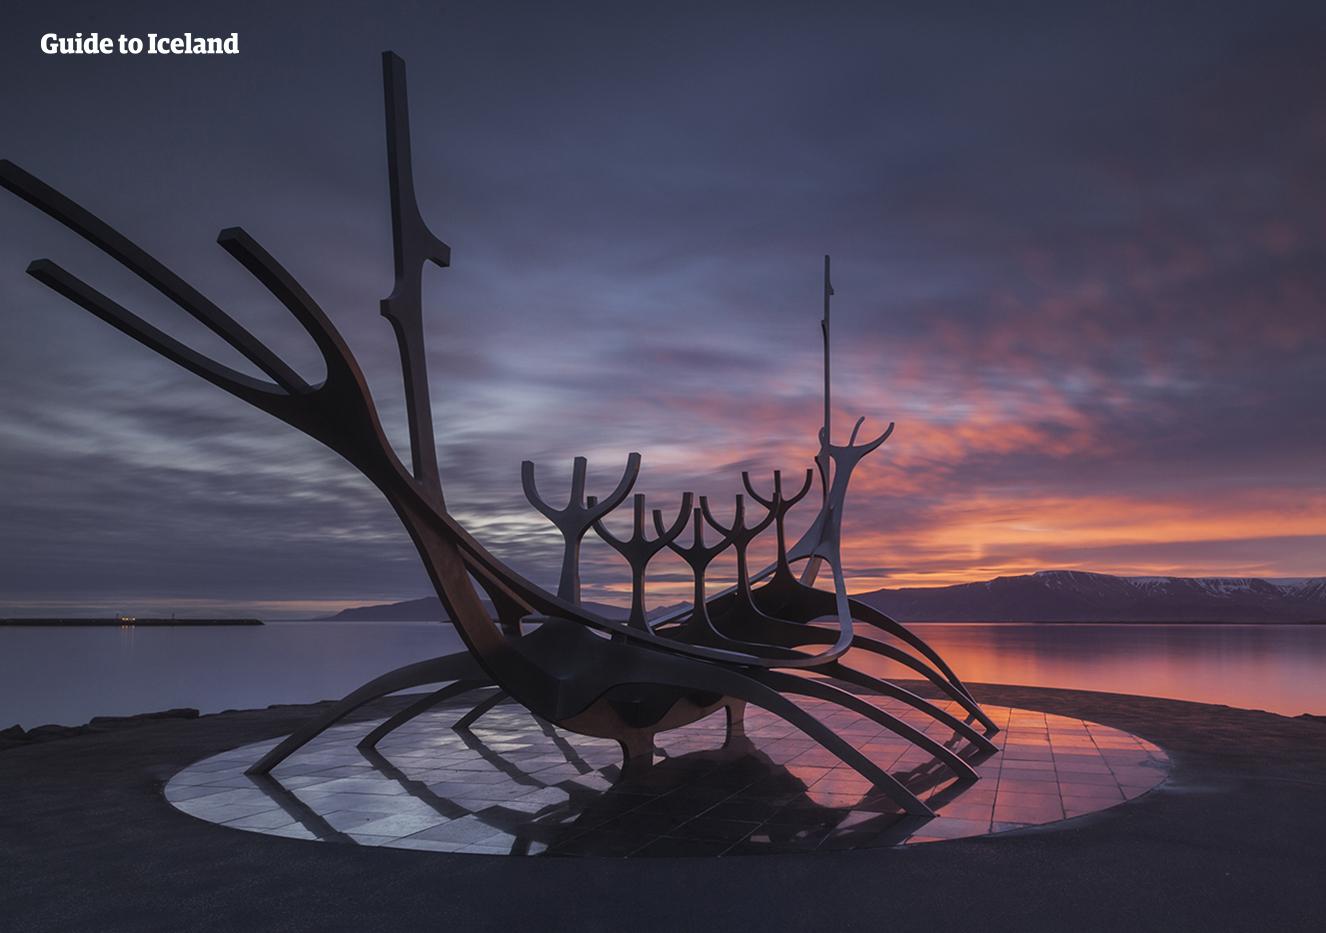 Reikiavik tiene una multitud de atracciones de interés, como la escultura El Viajero del Sol.